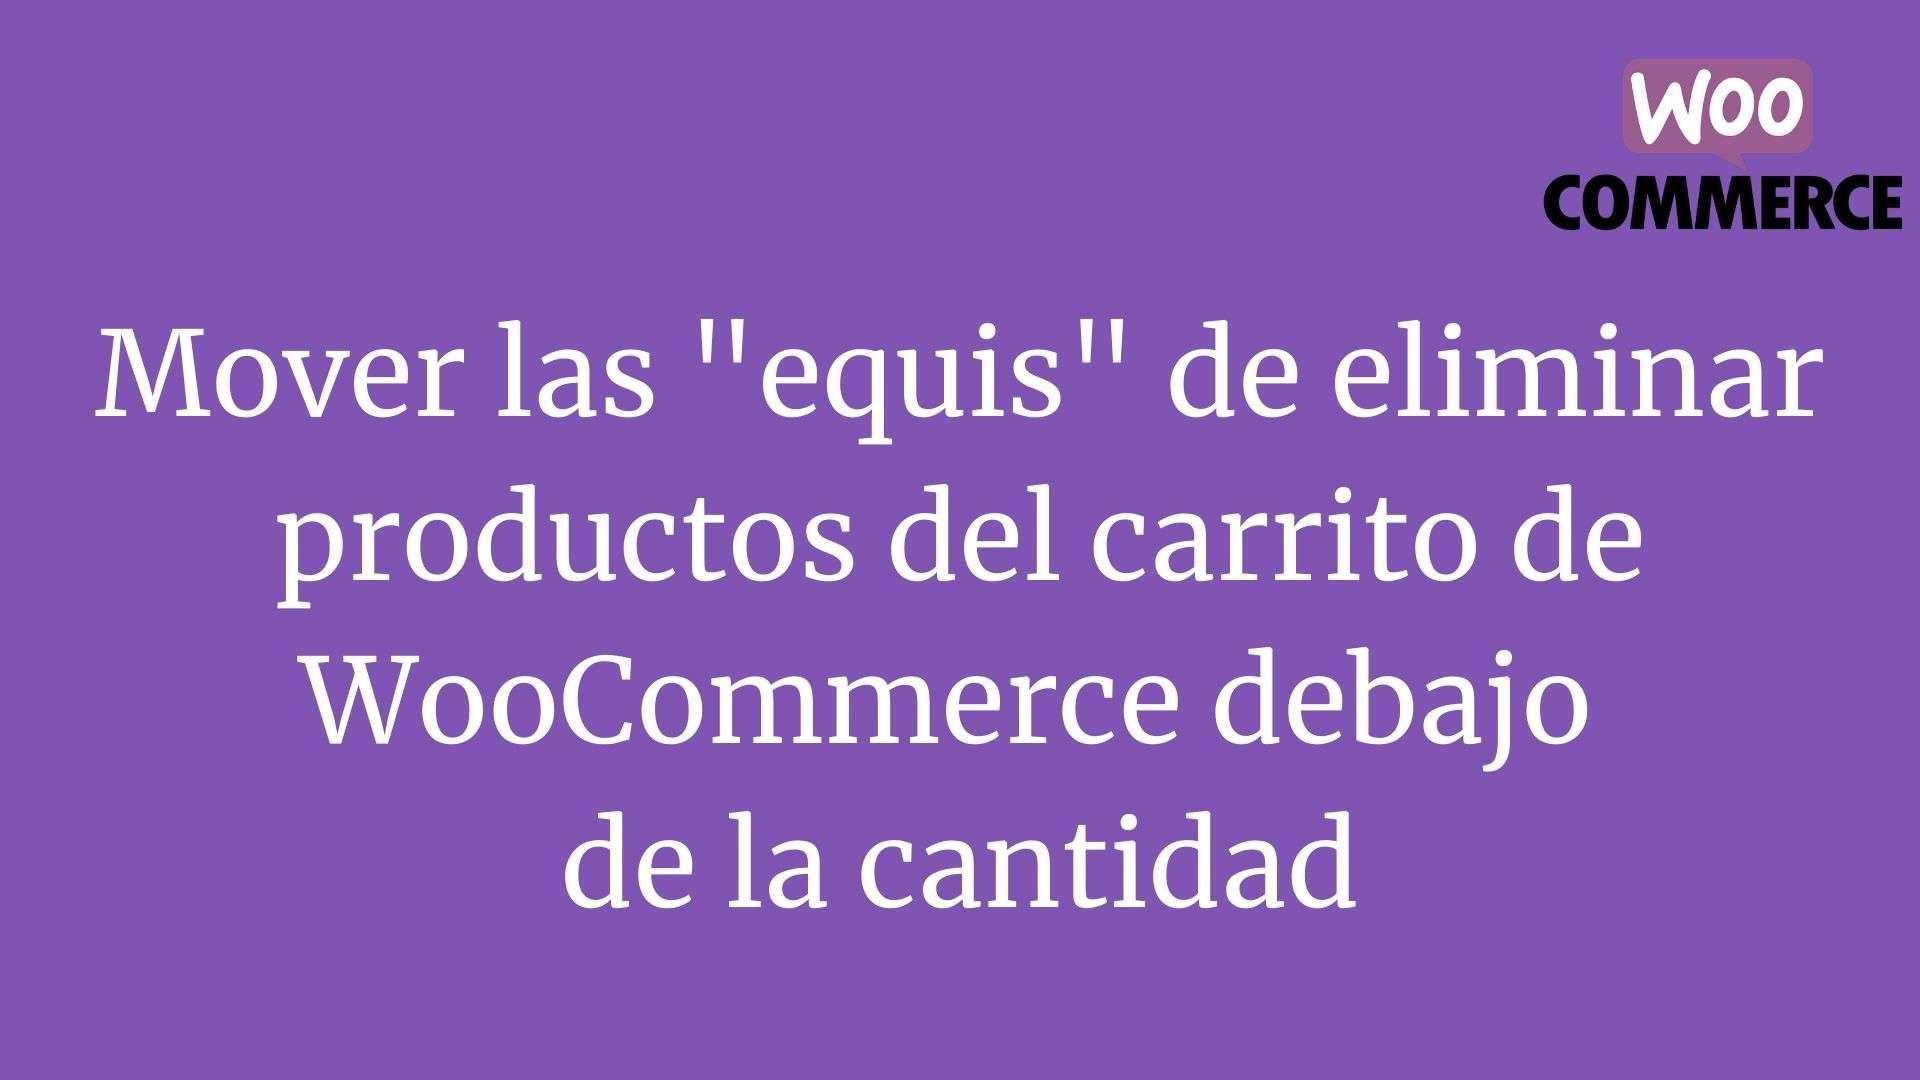 Mover las equis de eliminar productos del carrito de WooCommerce debajo de la cantidad